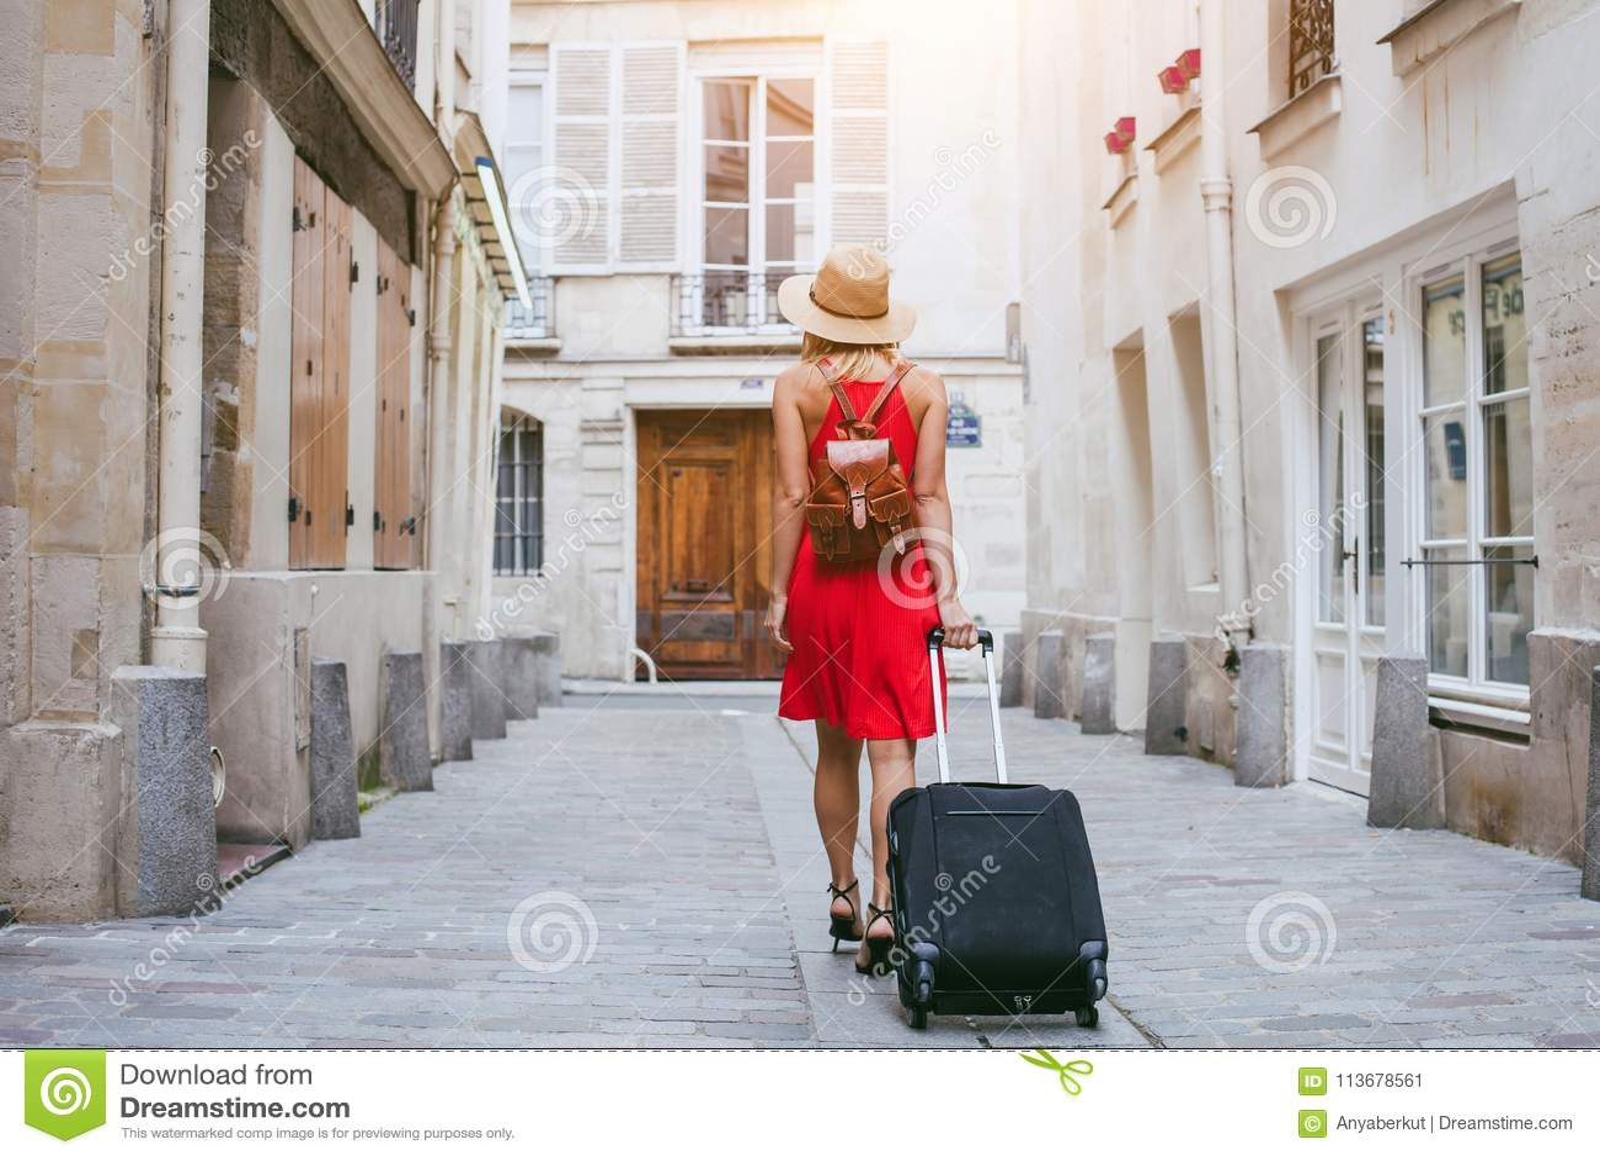 旅行背景,走带着在街道上的手提箱的妇女游人在欧洲城市,旅游业